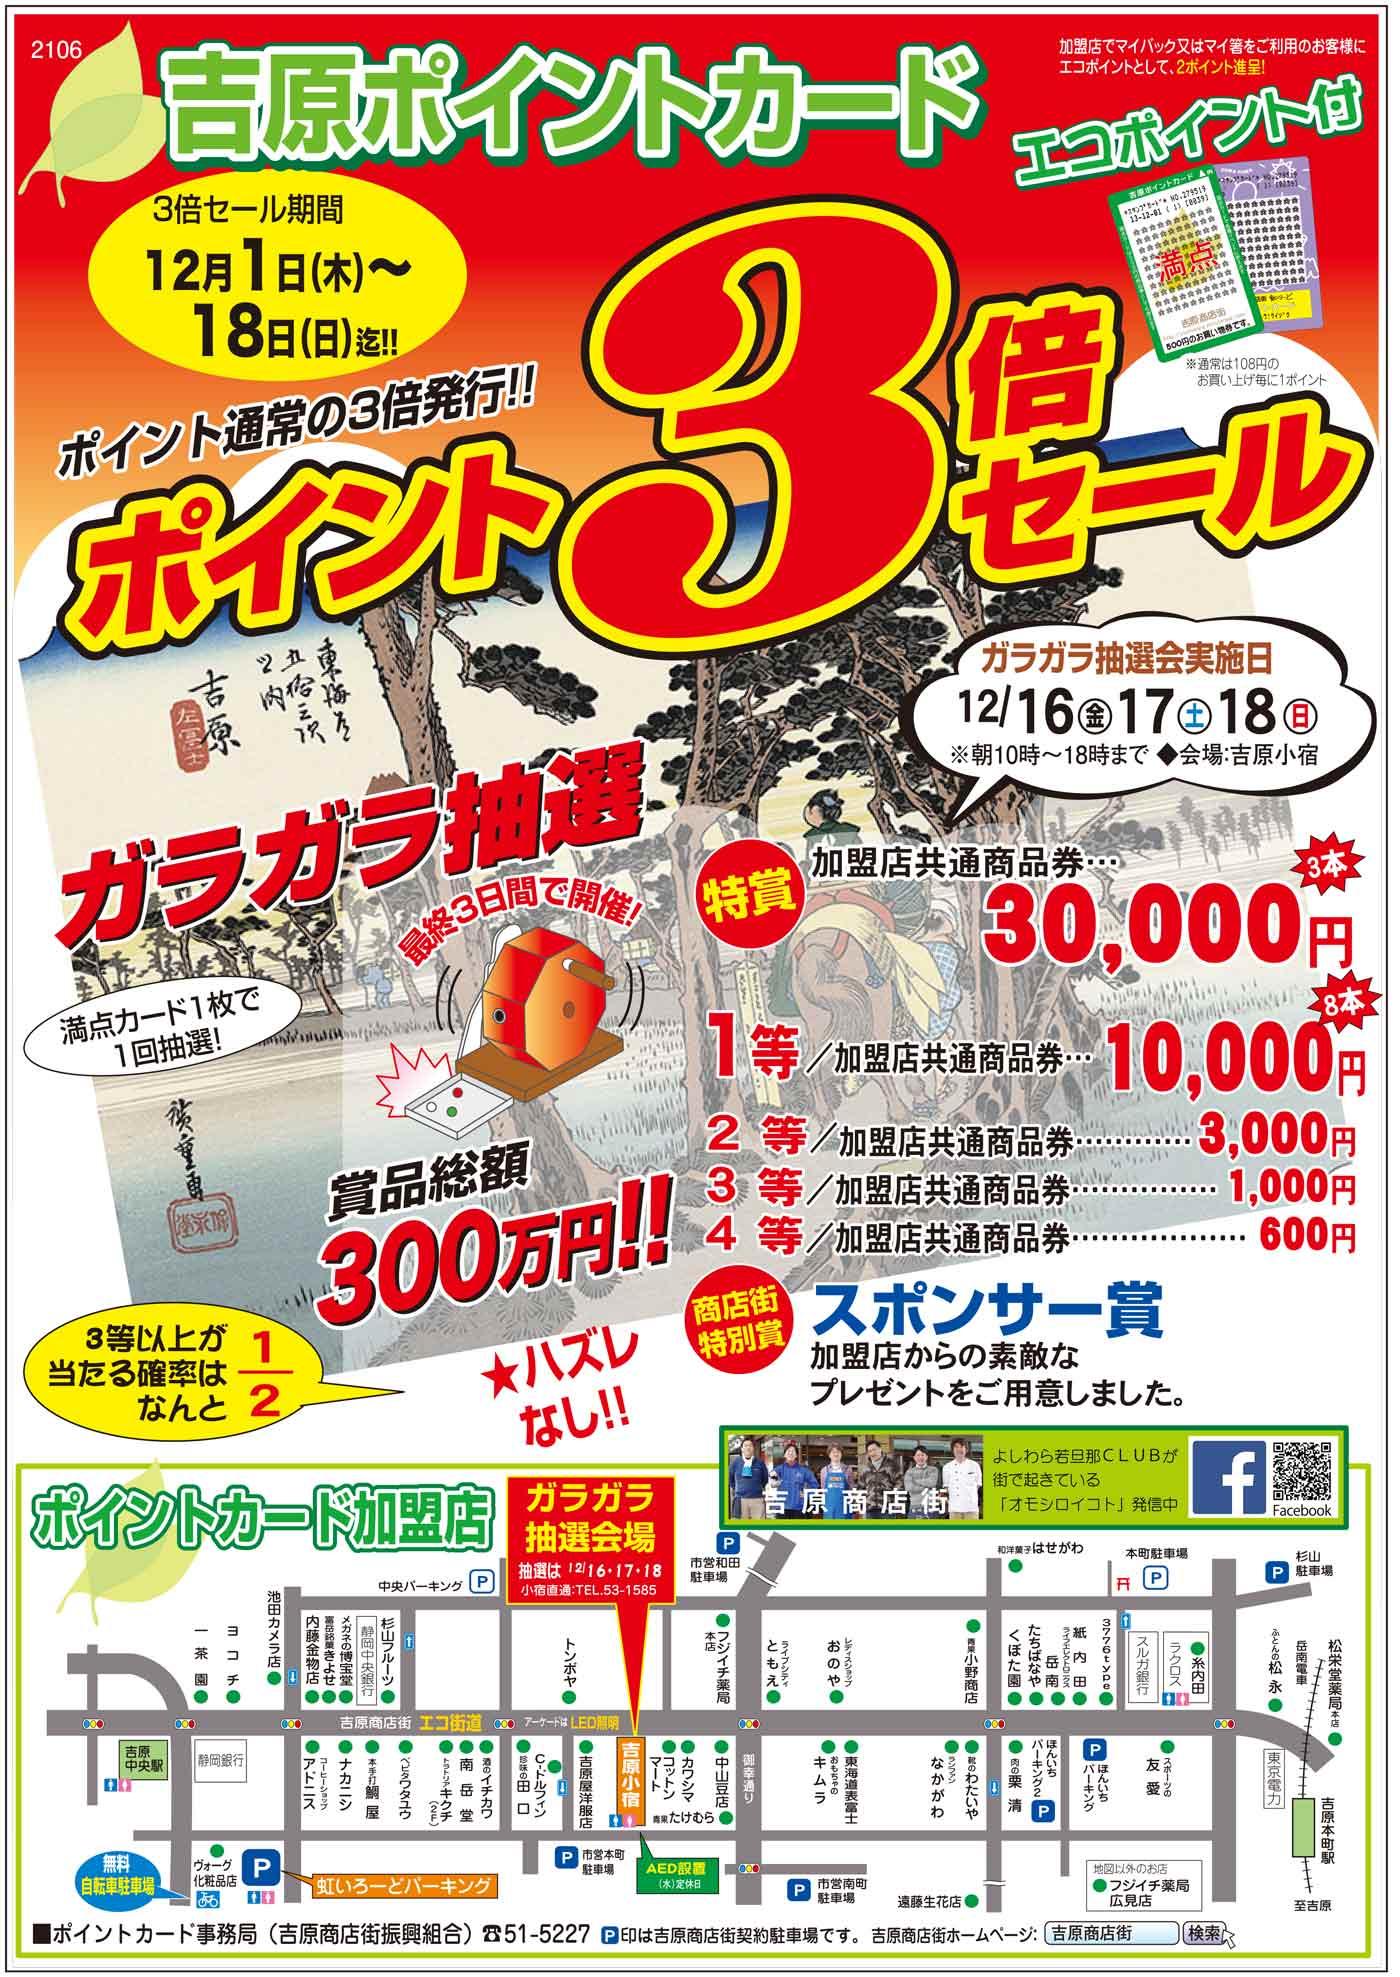 """12/1(木)~18(日) 吉原ポイントカード """"ポイント3倍セール"""""""